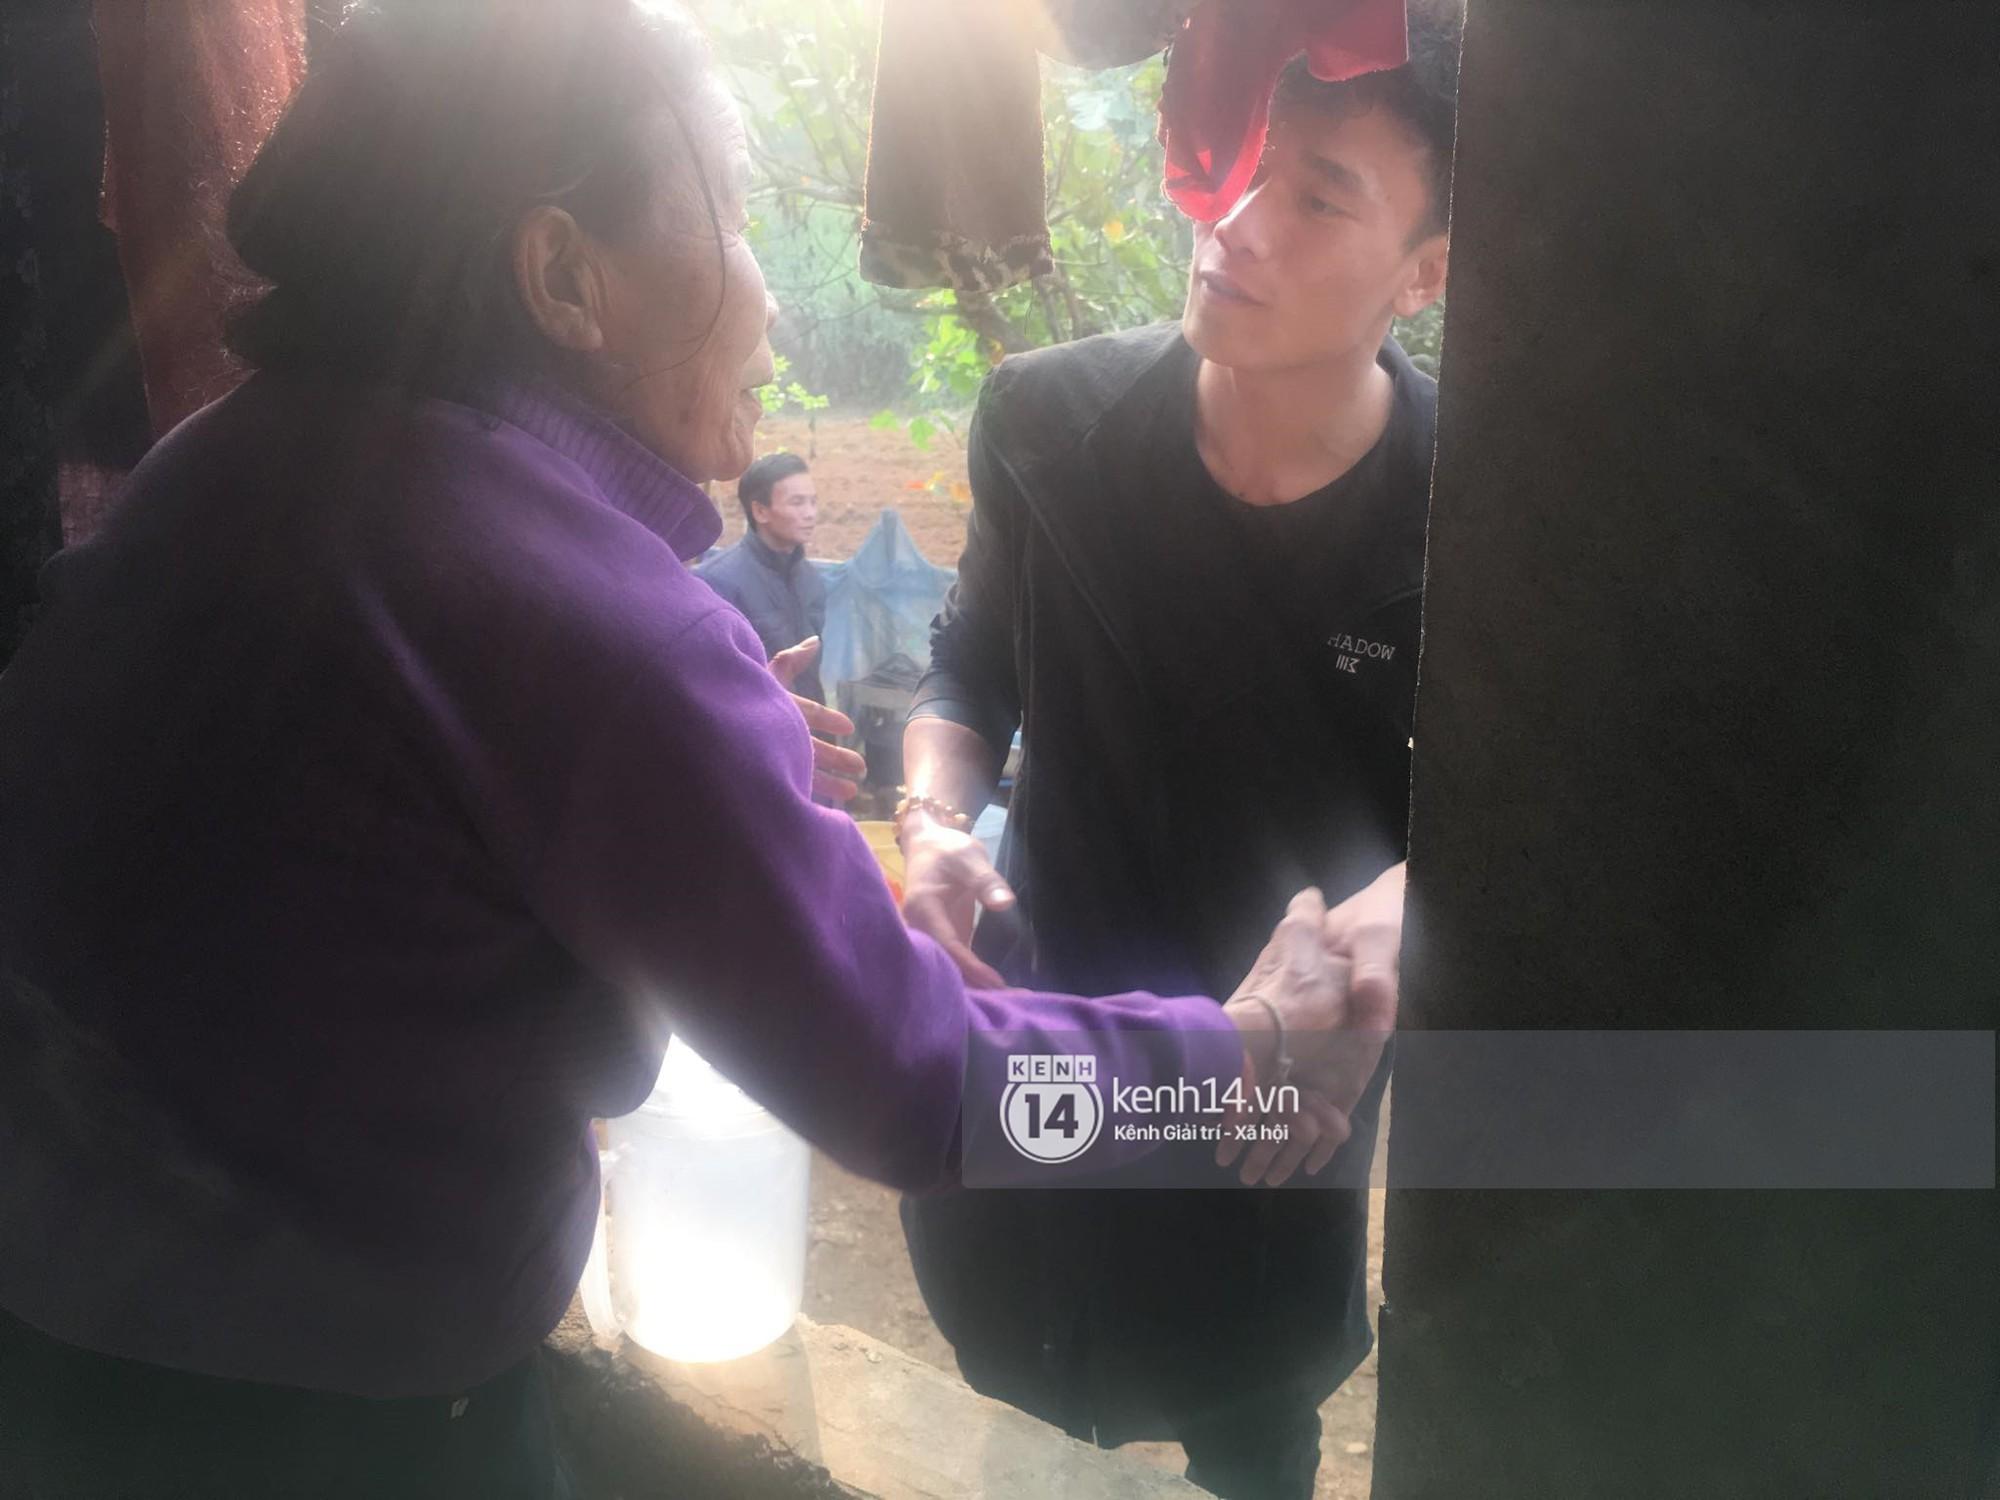 Vừa về đến nhà, hai anh em Tiến Dũng - Tiến Dụng đã đi tặng quà từ thiện cho gia đình khó khăn trong làng - Ảnh 5.